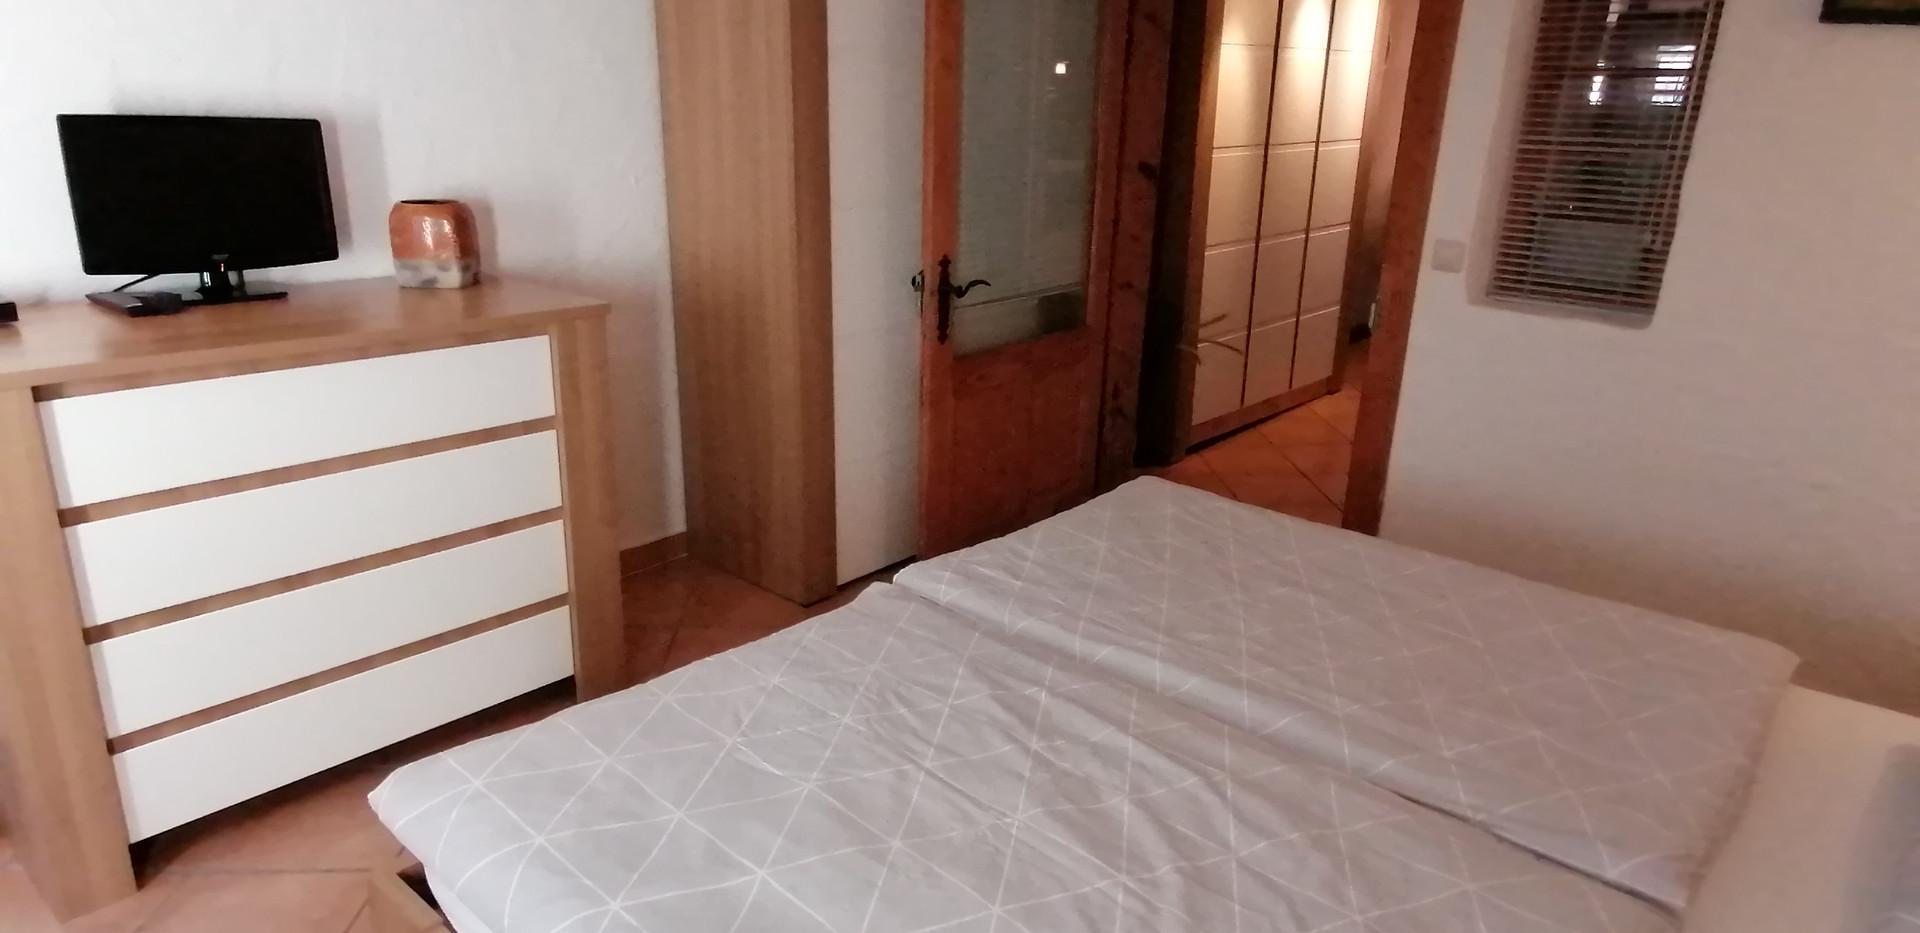 Schlafzimmer mit Kommode und Schrank